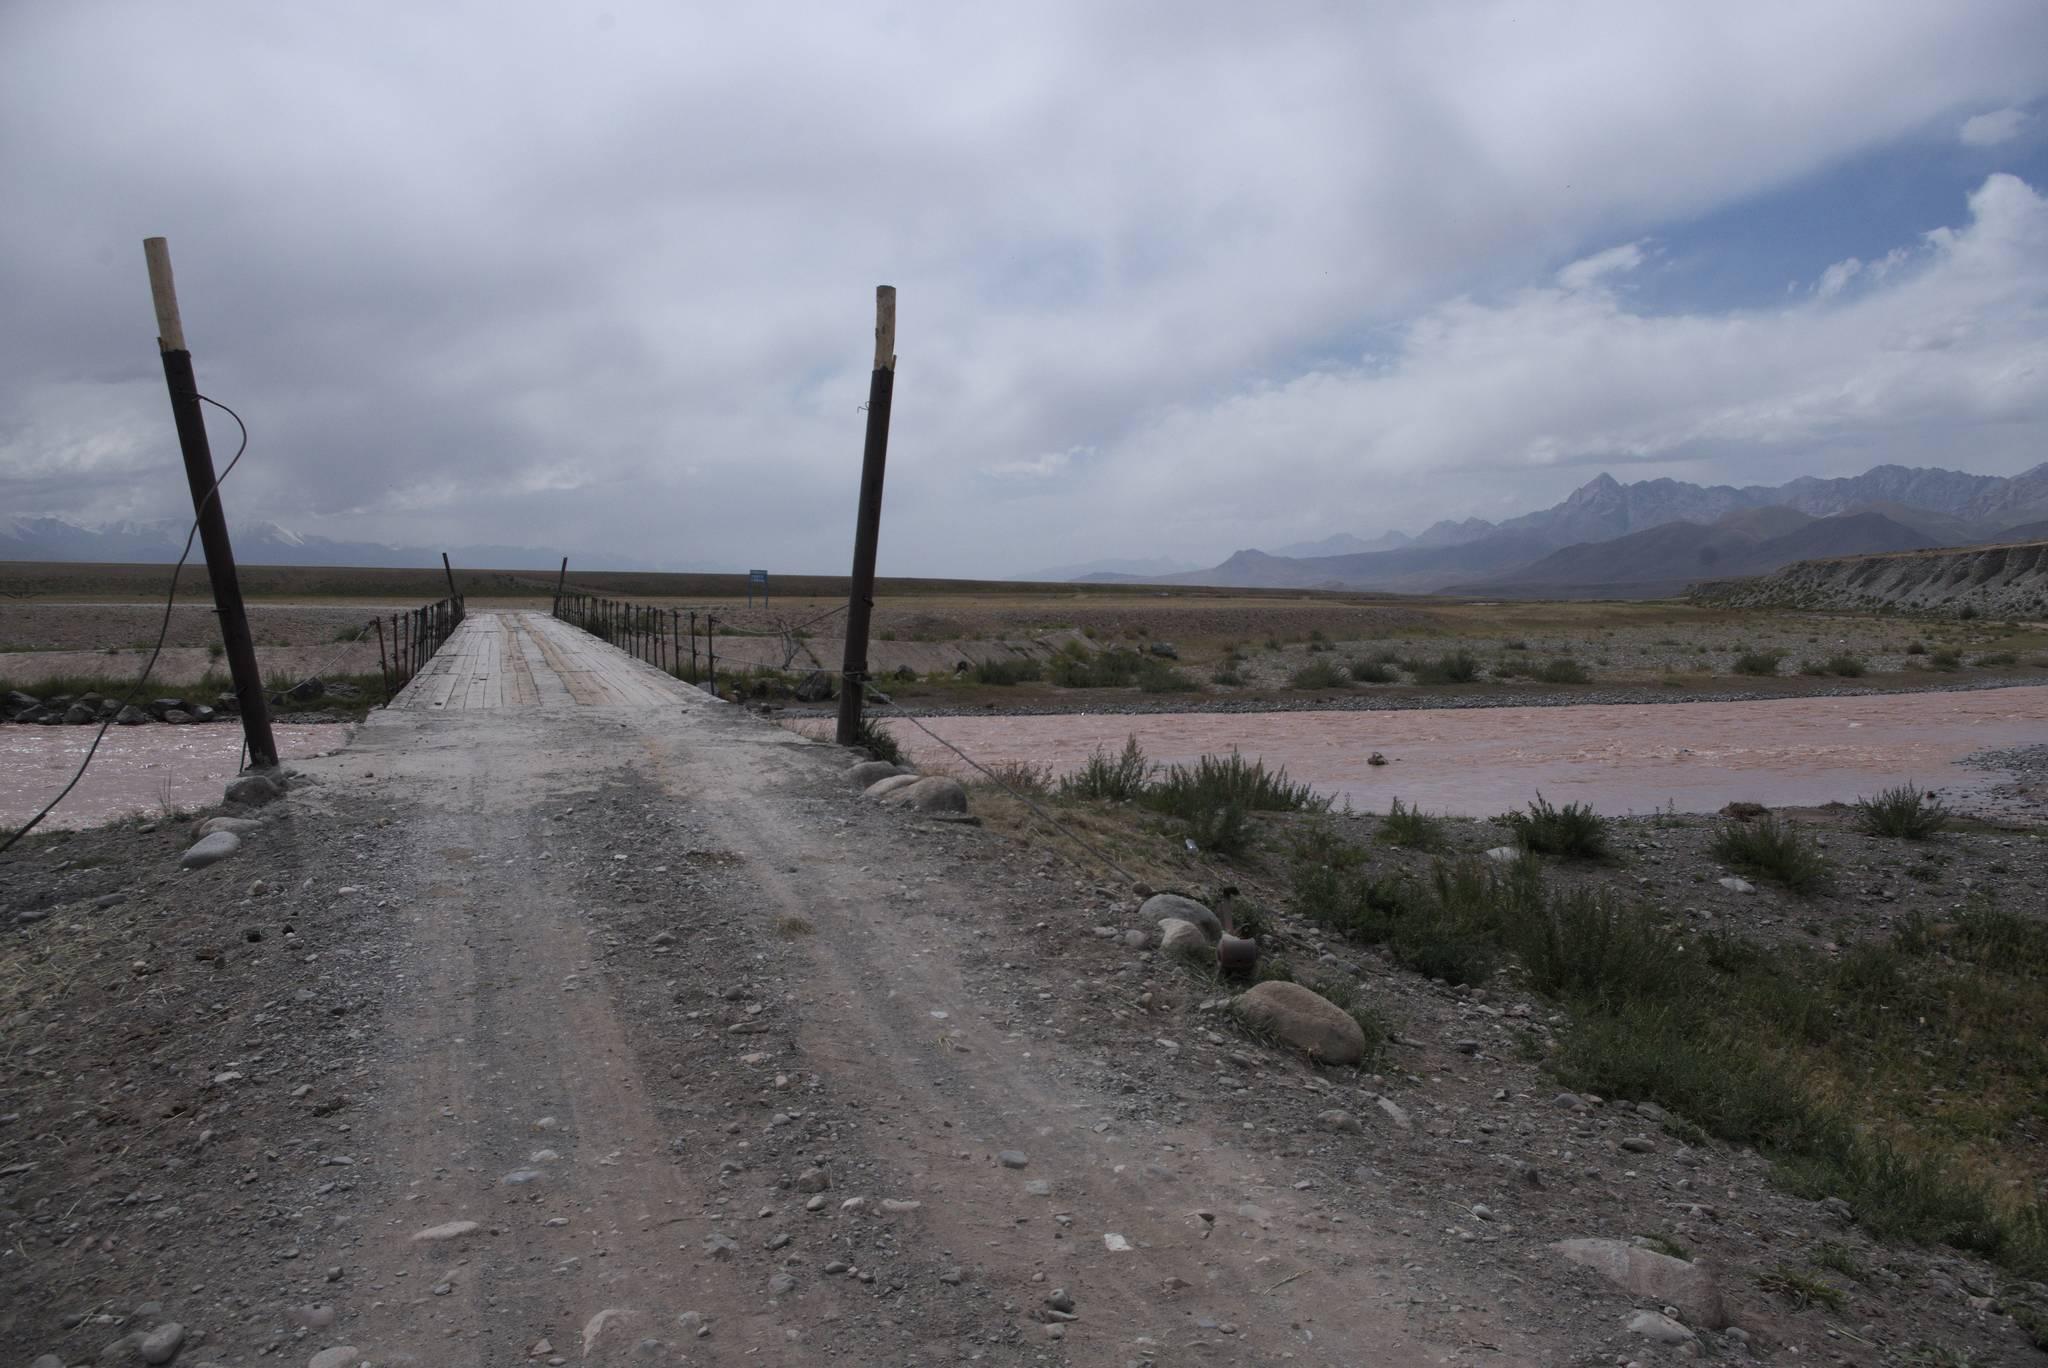 Czym się wyróżnia Kirgistan? Jest most!